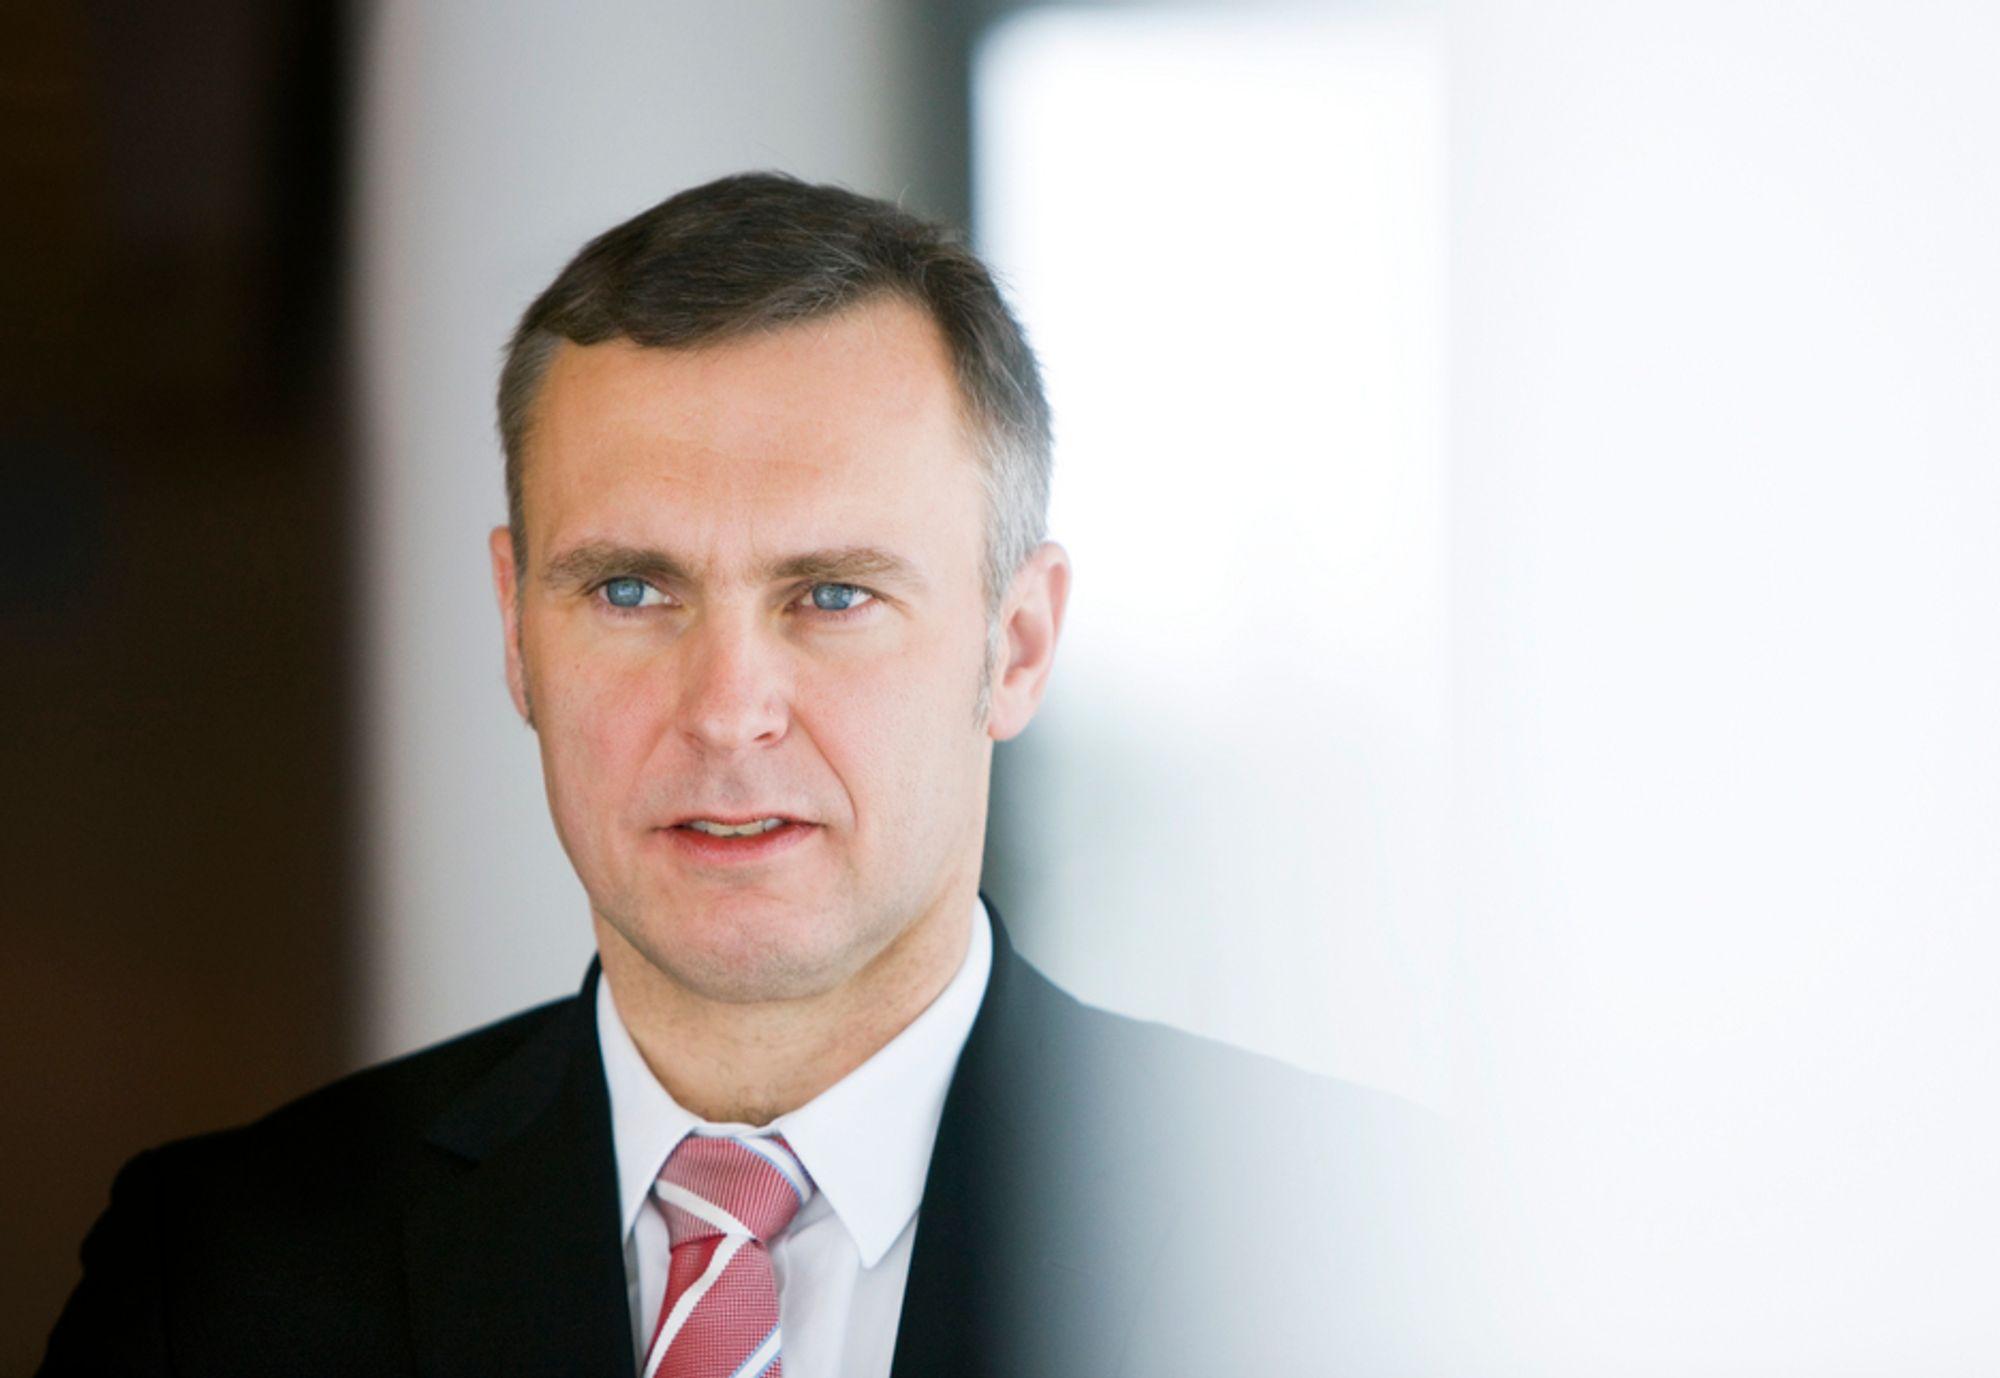 Konsernsjef Sven Ombudstvedt begynte i Norske Skog ved nyttår og varsler fortsatt arbeid med kostnadsreduksjoner i selskapet.